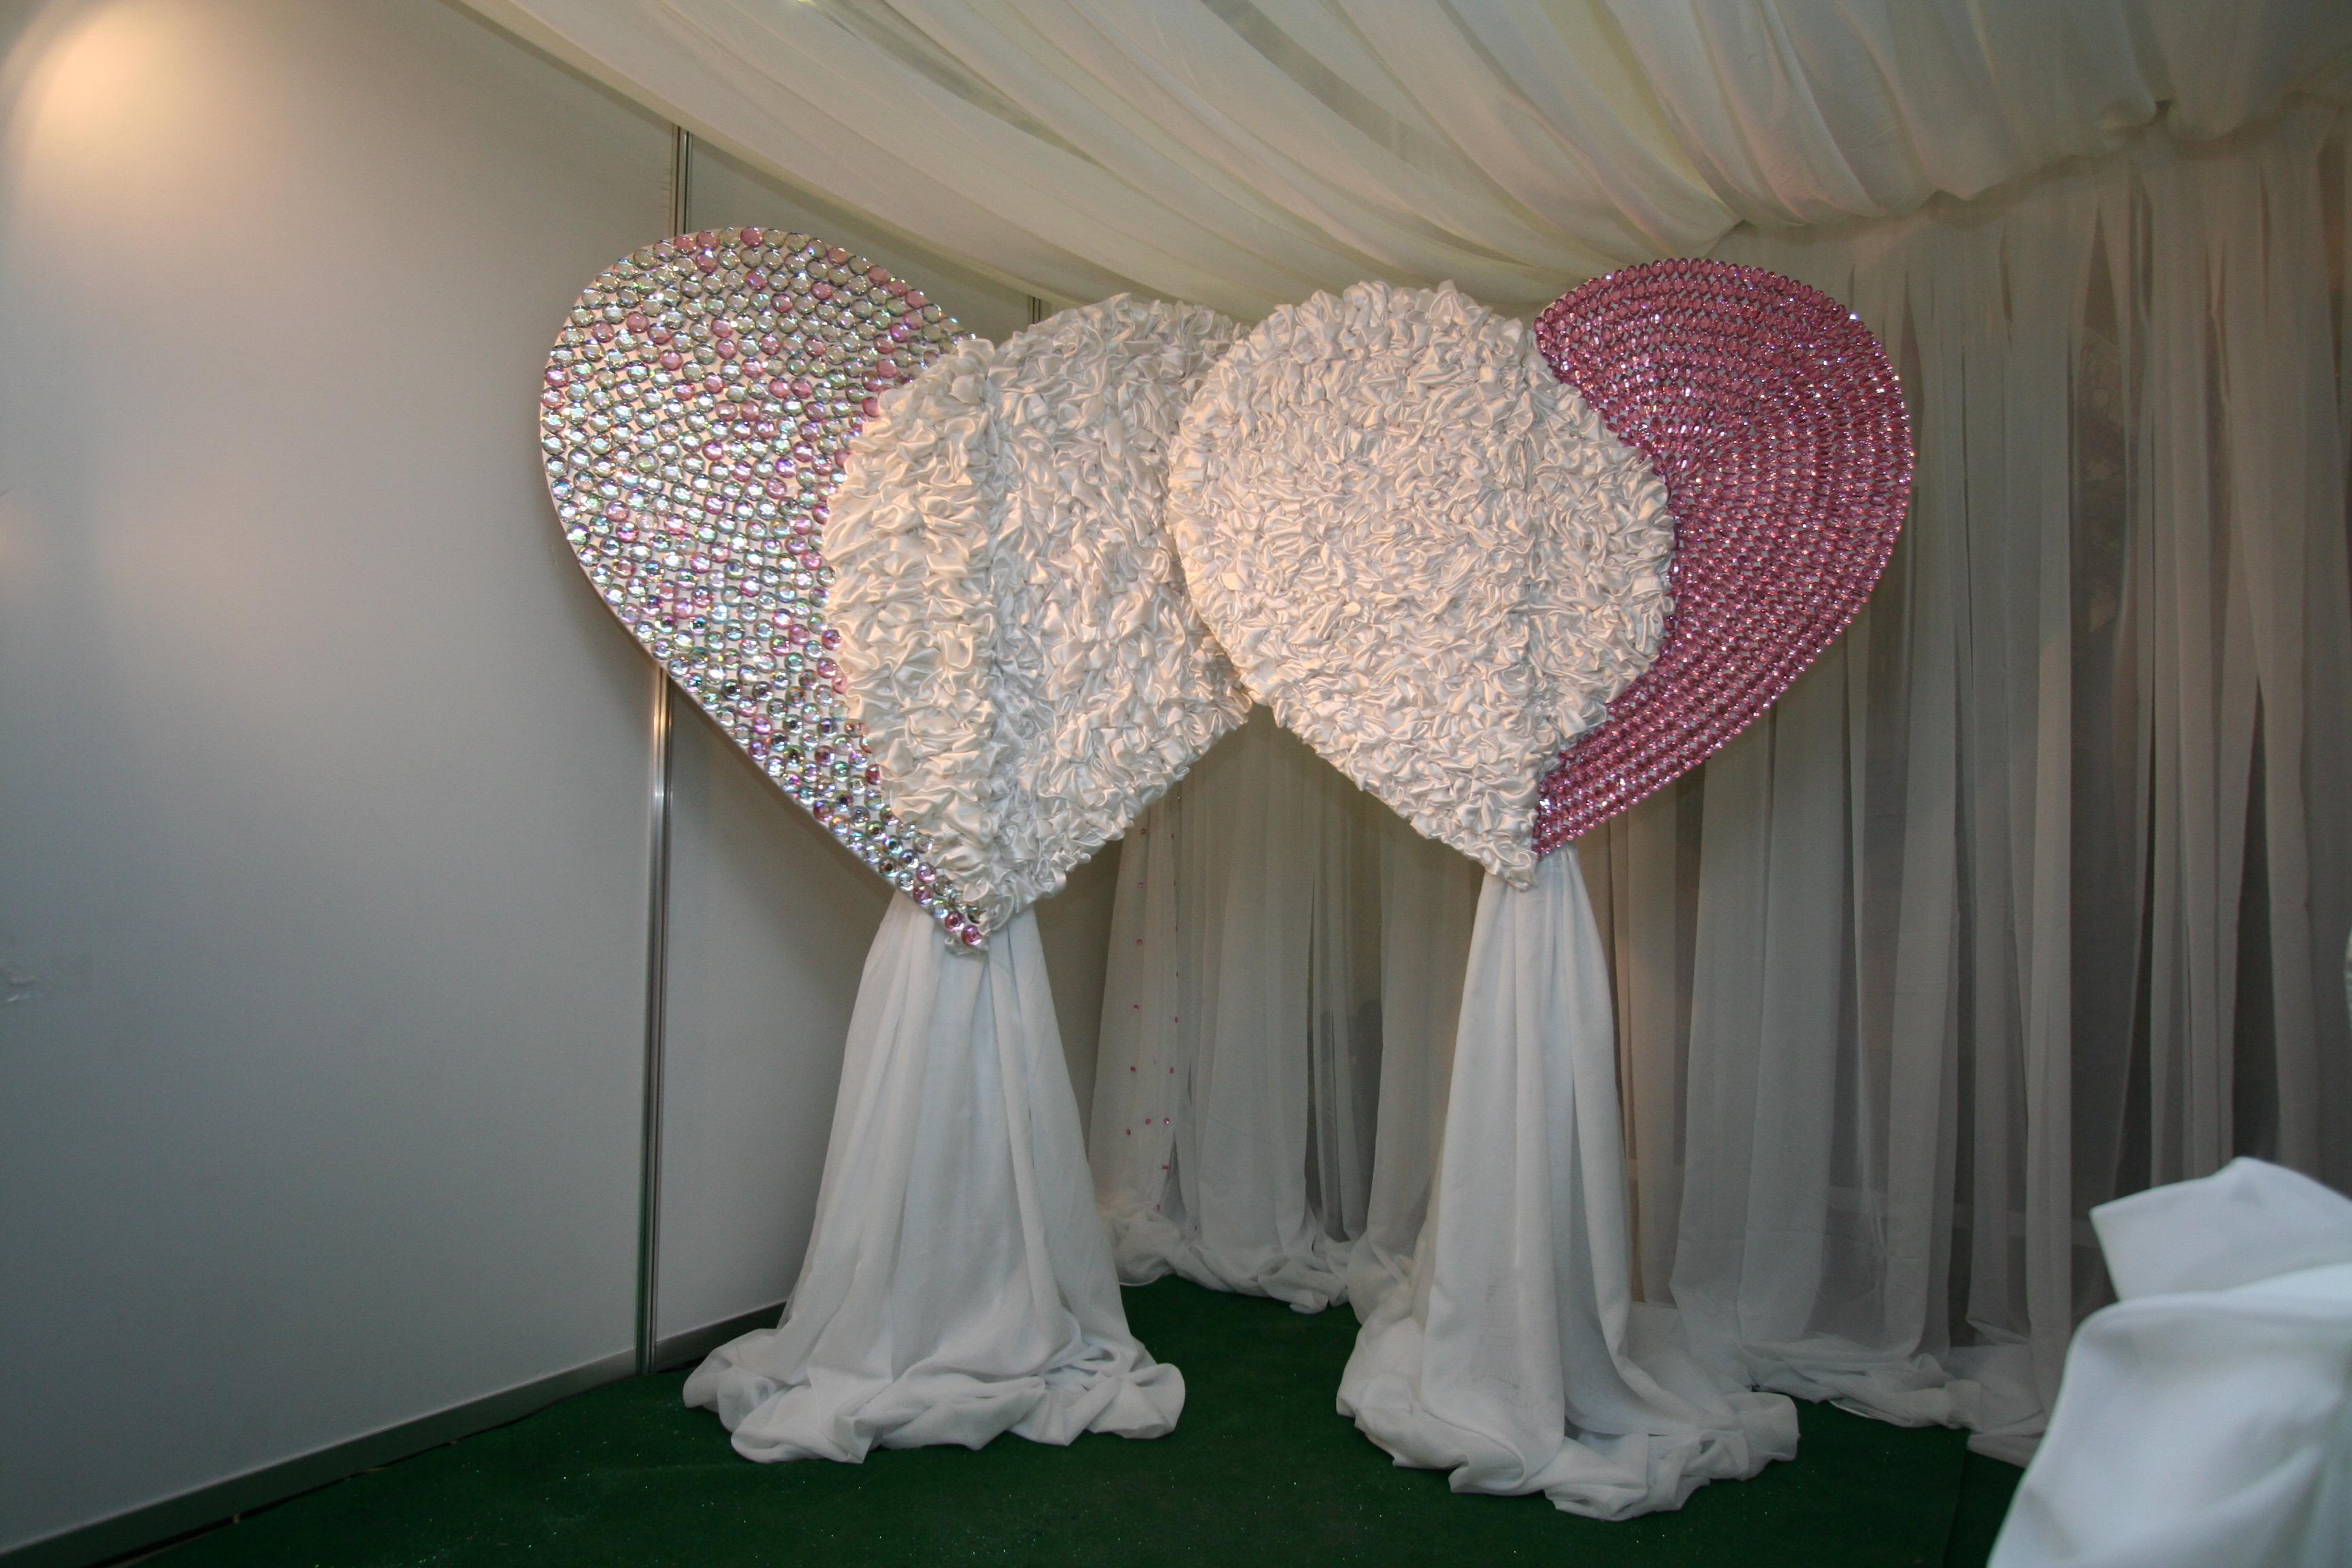 Чем украсить зал на свадьбу своими руками фото